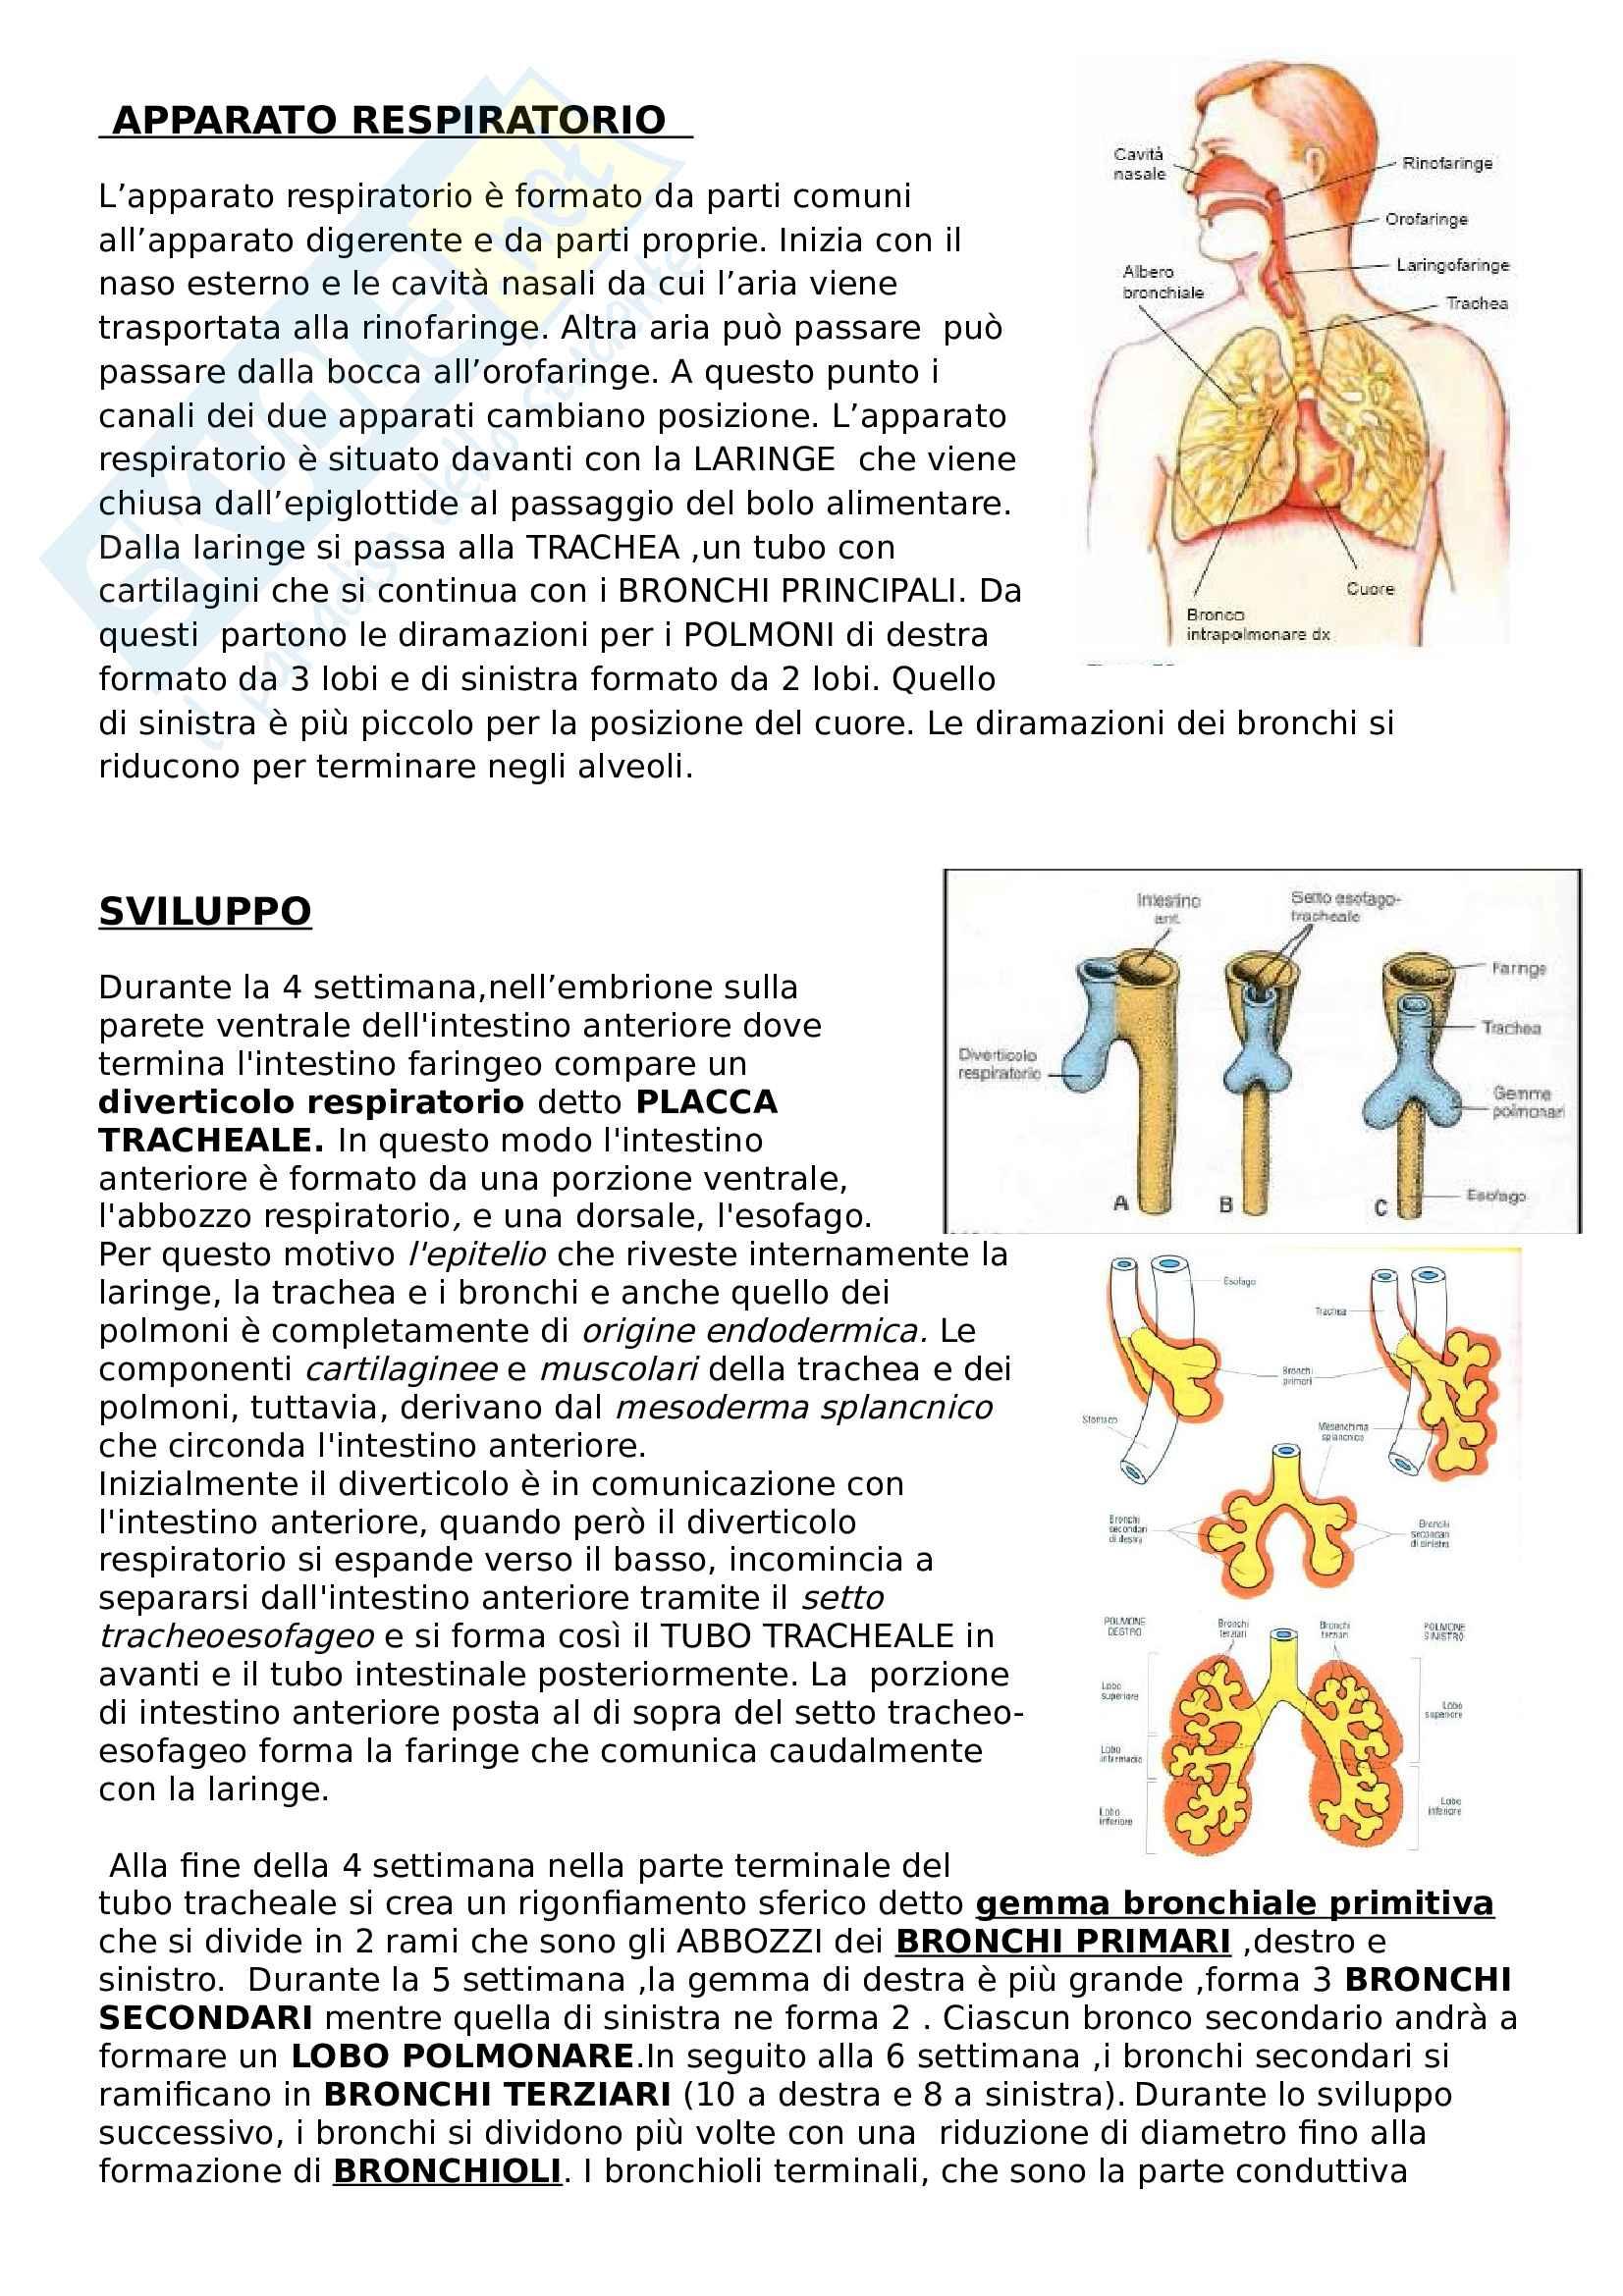 Sviluppo apparato respiratorio - Riassunto esame Embriologia, prof. Canipari, libro consigliato De felici